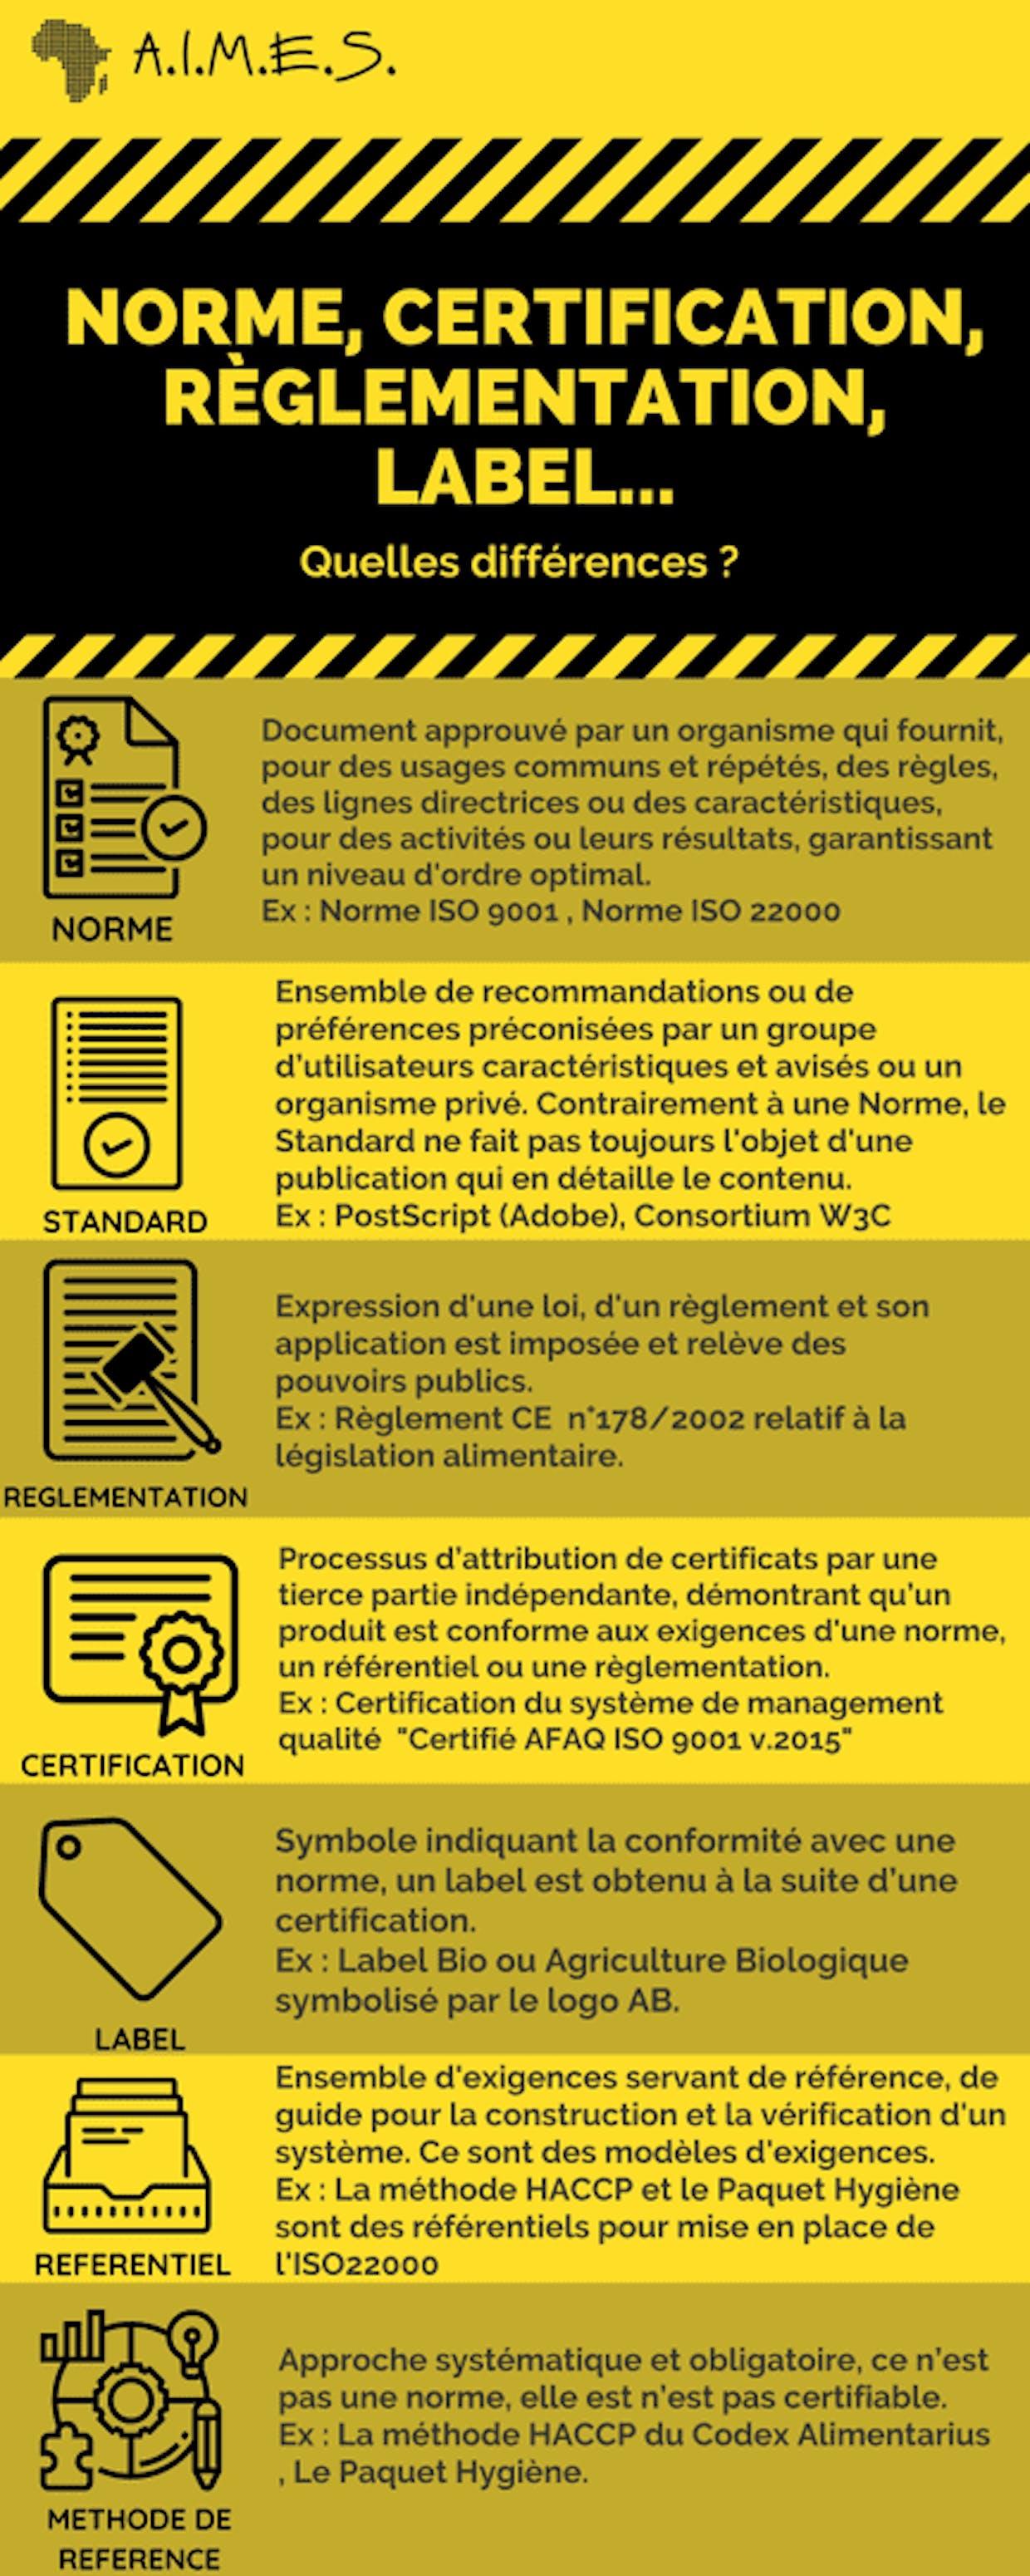 Norme, certification, règlementation, label...quelles différences